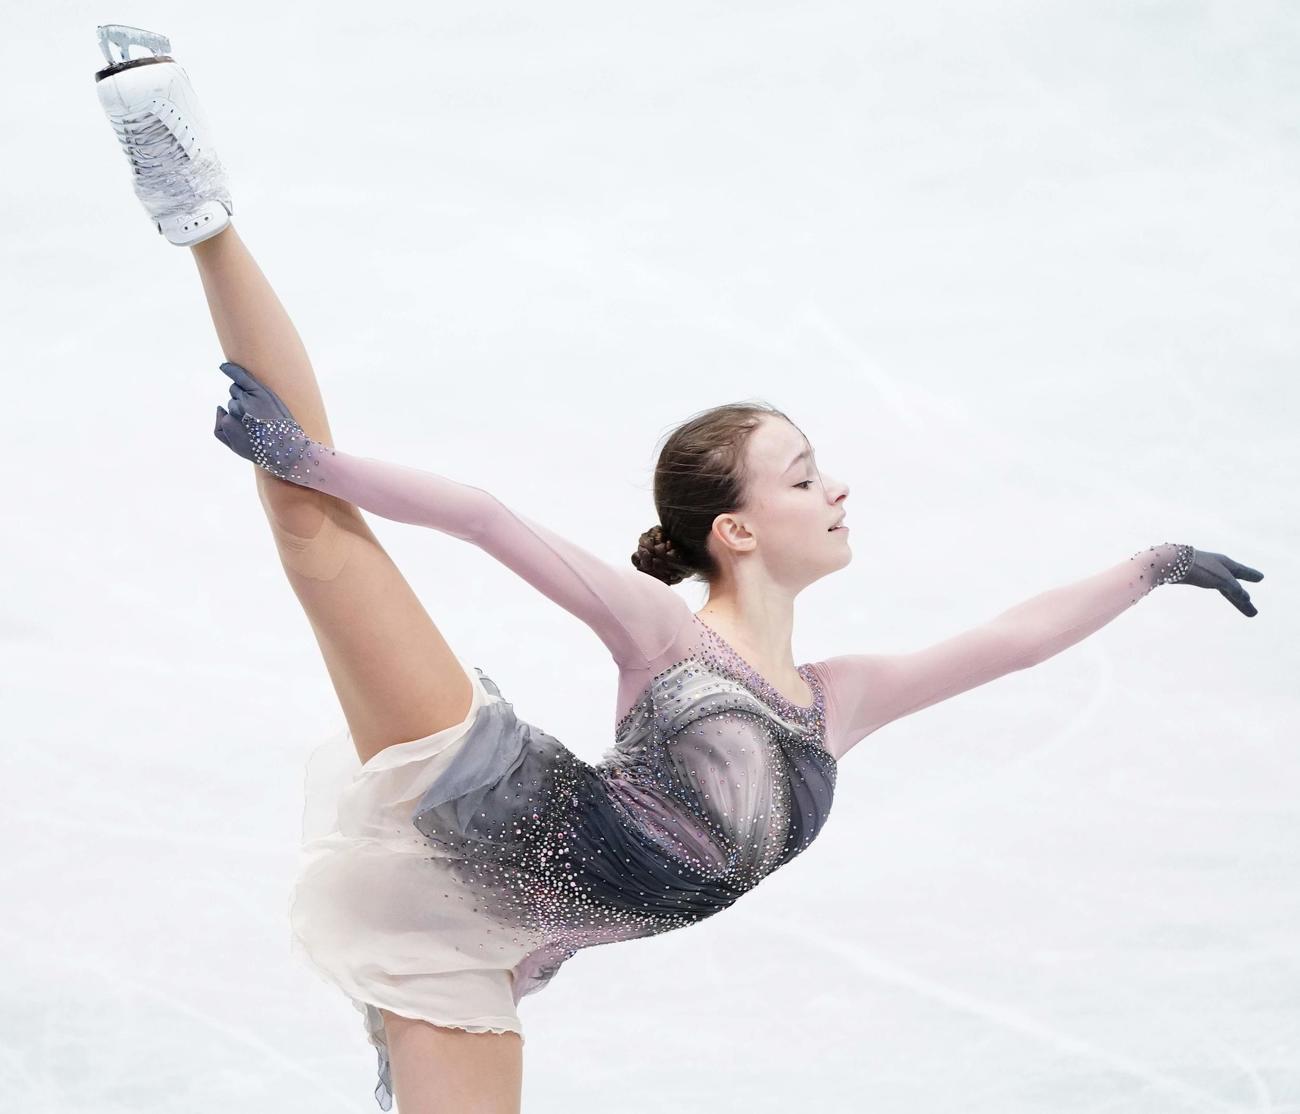 フリーに向けて練習するシェルバコワ(代表撮影)